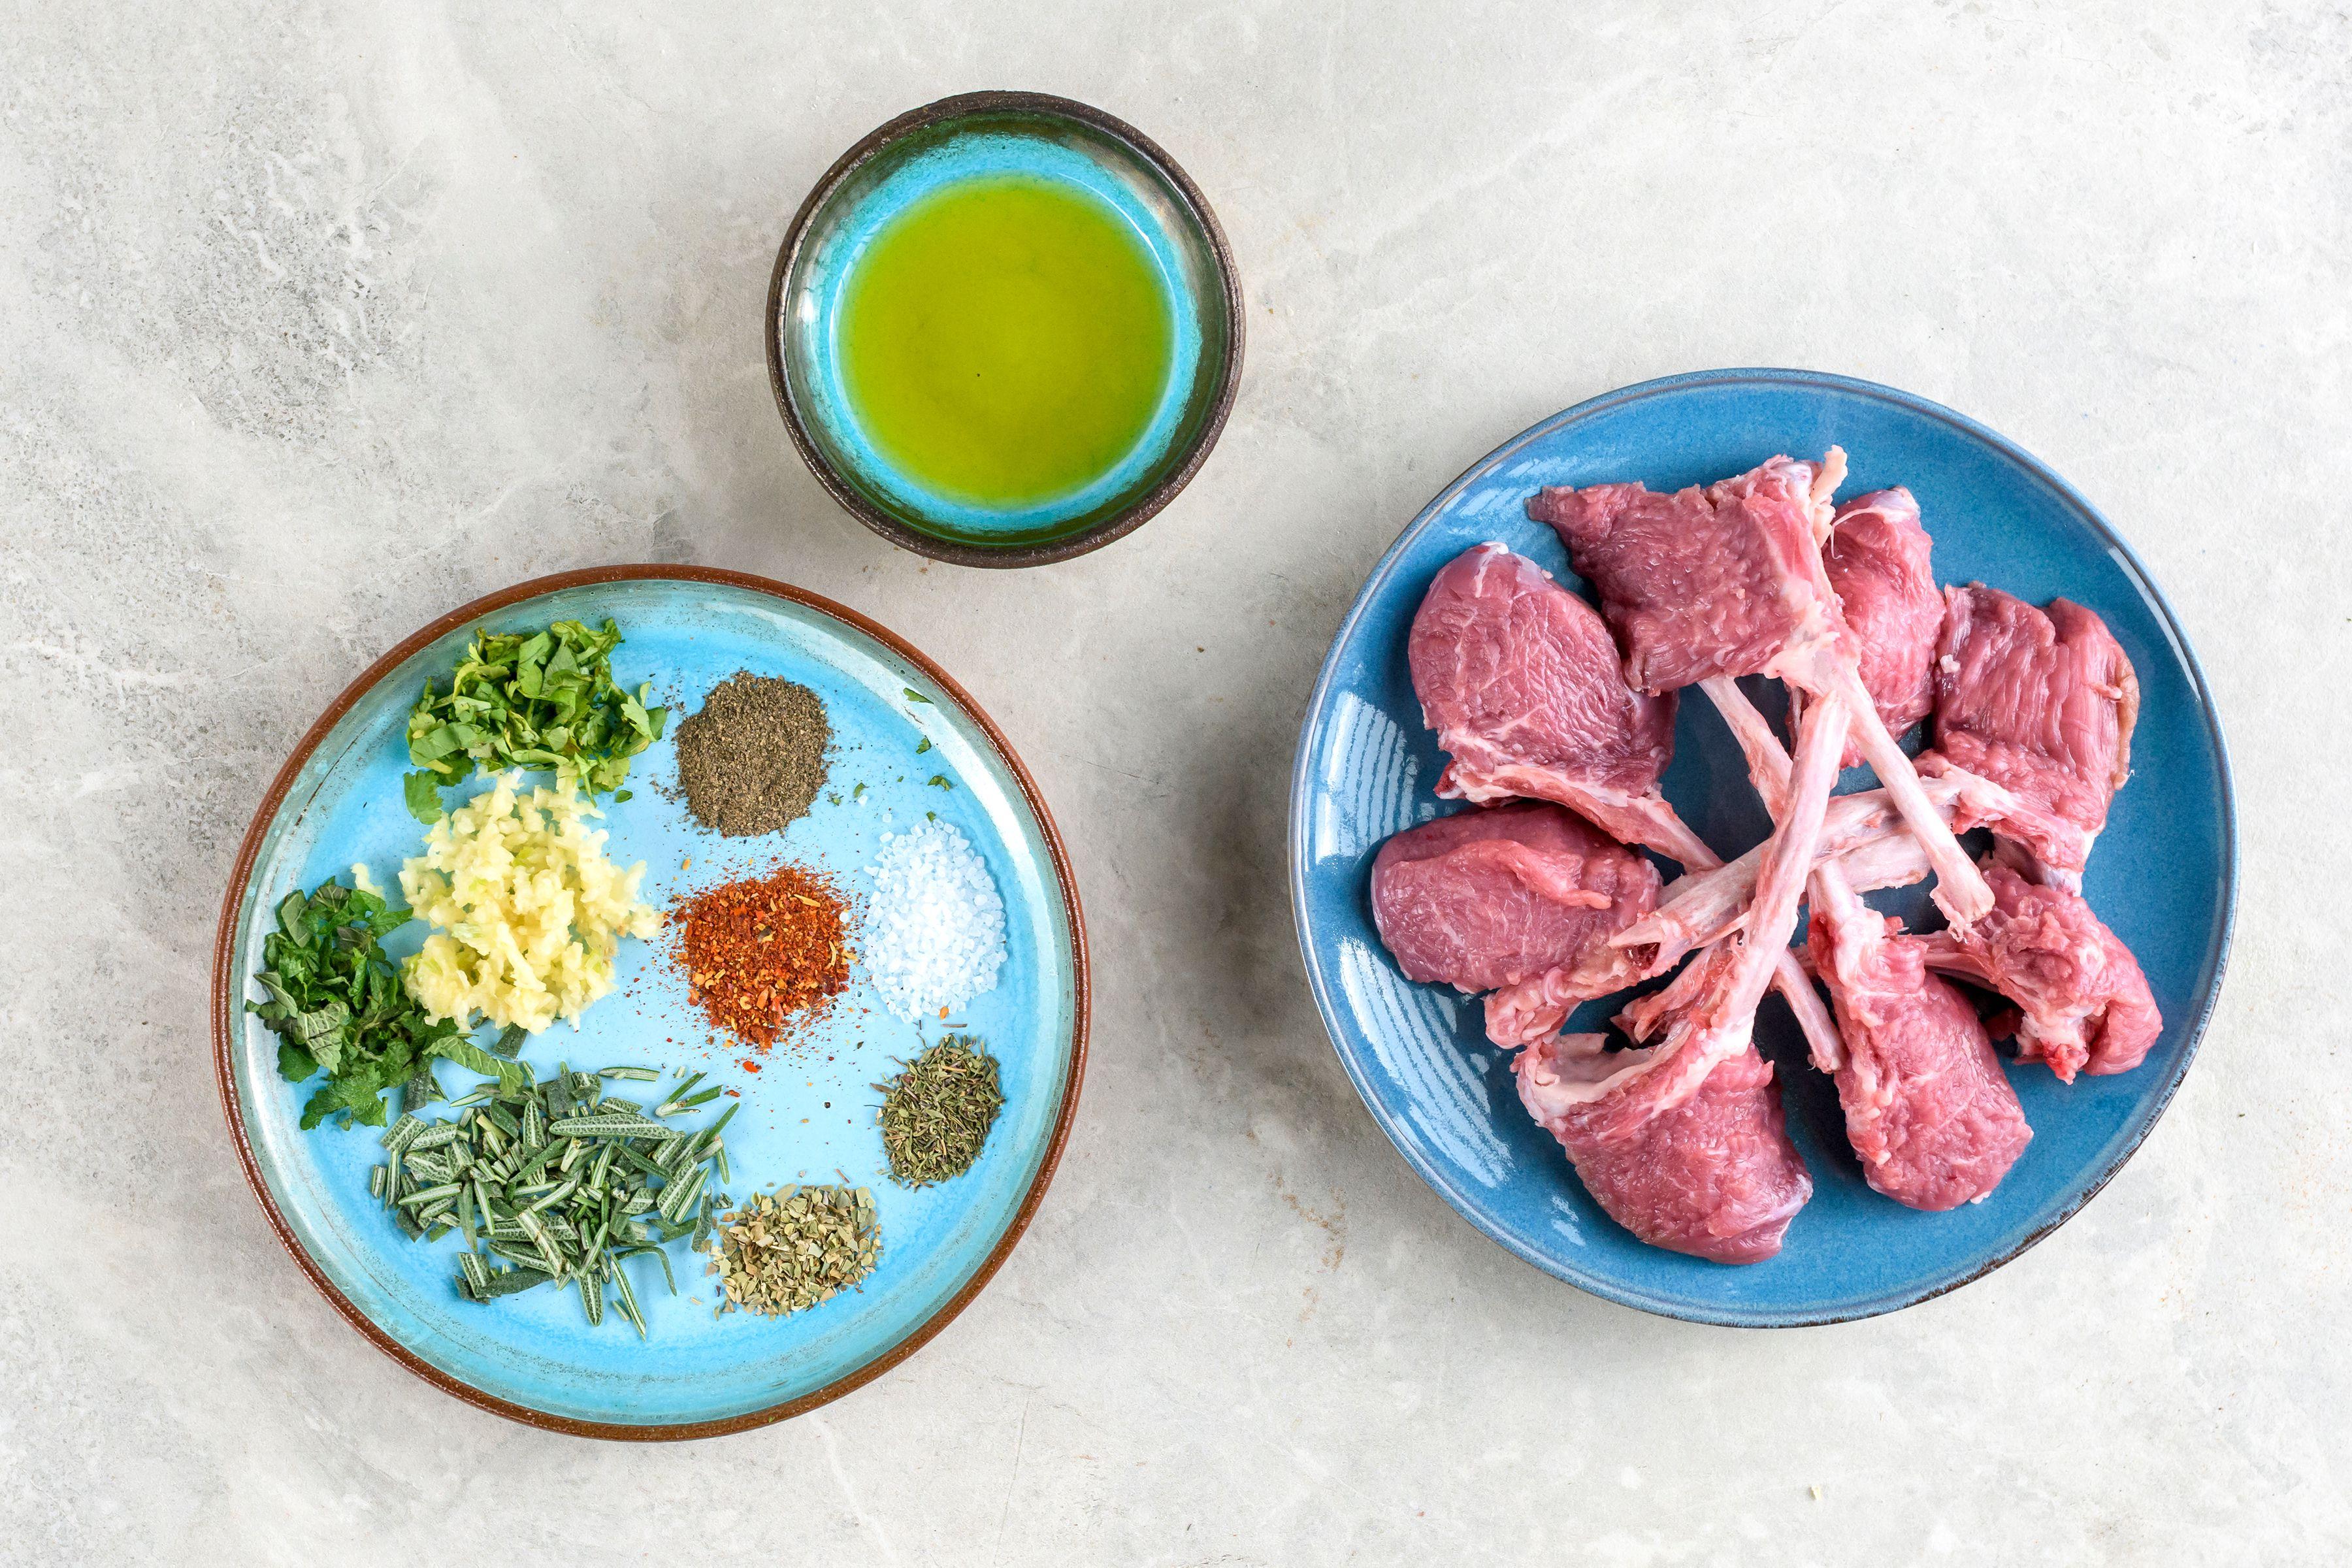 Garlic herb lamb chop recipe ingredientss